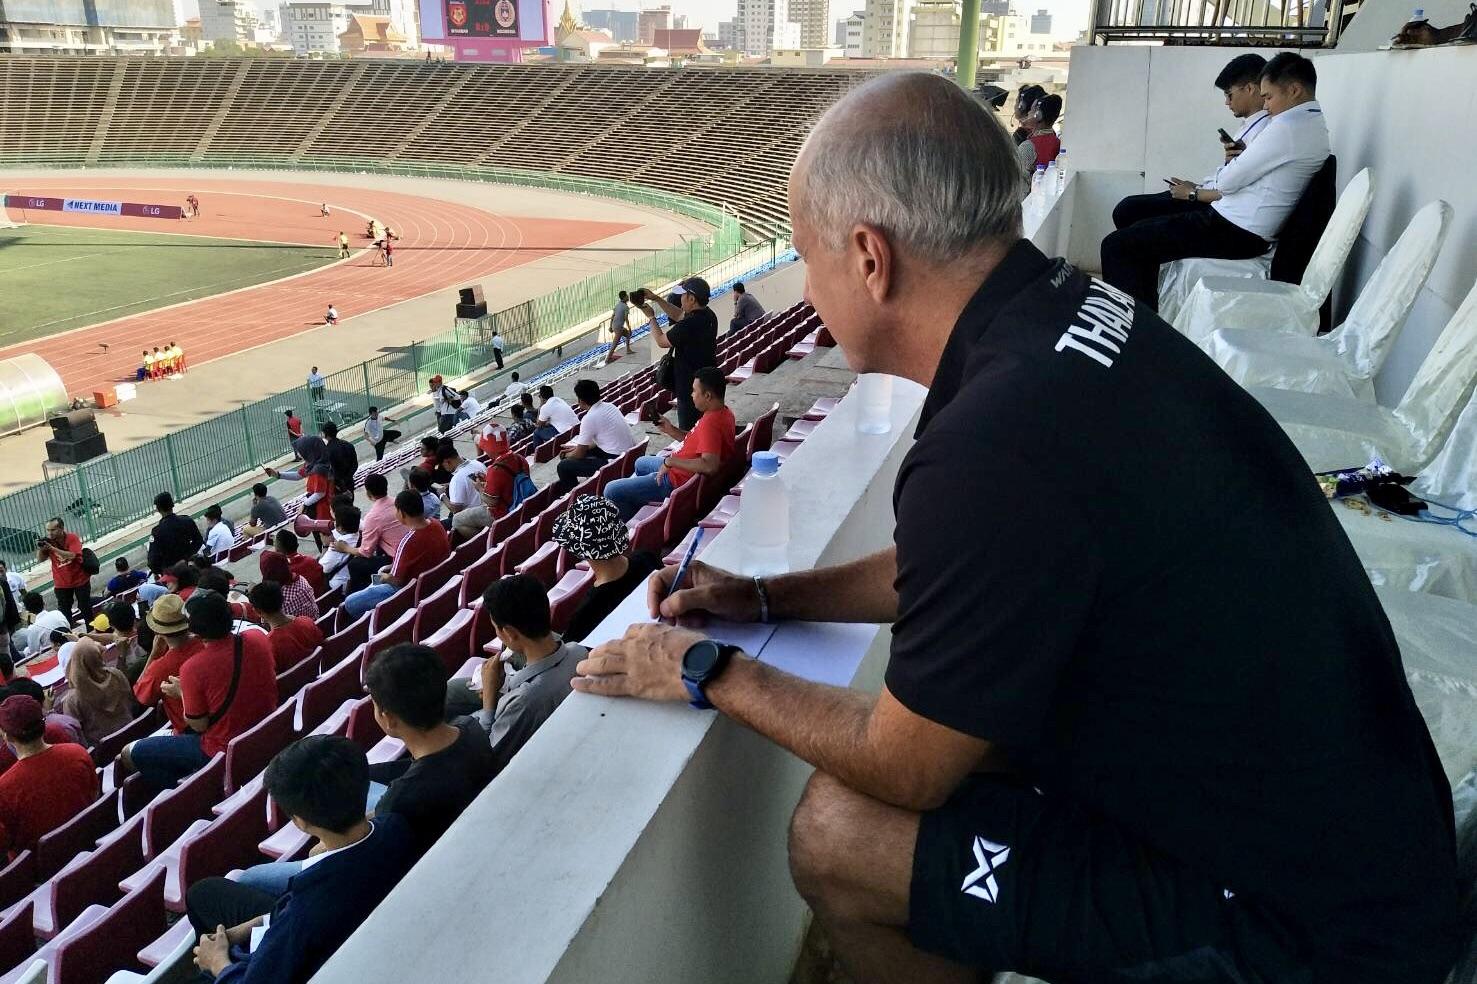 ชิงแชมป์อาเซียน 2019 ทีมชาติไทย U22 ฟิลิปปินส์ อเล็กซานเดร กามา